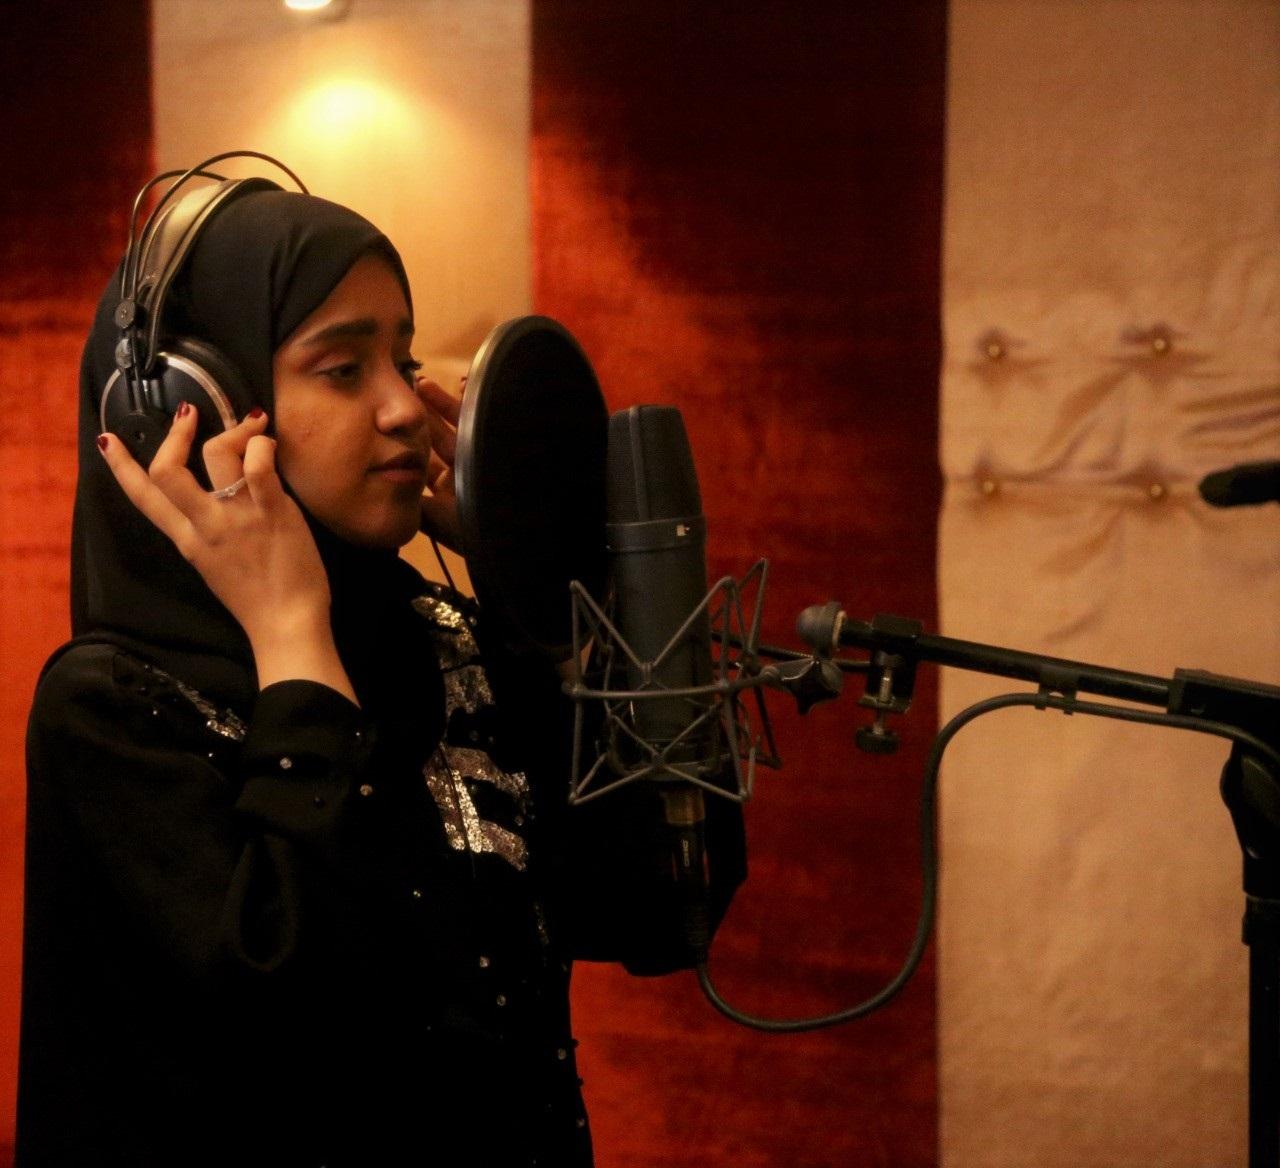 الفنانة السعودية راوية الهاشمي